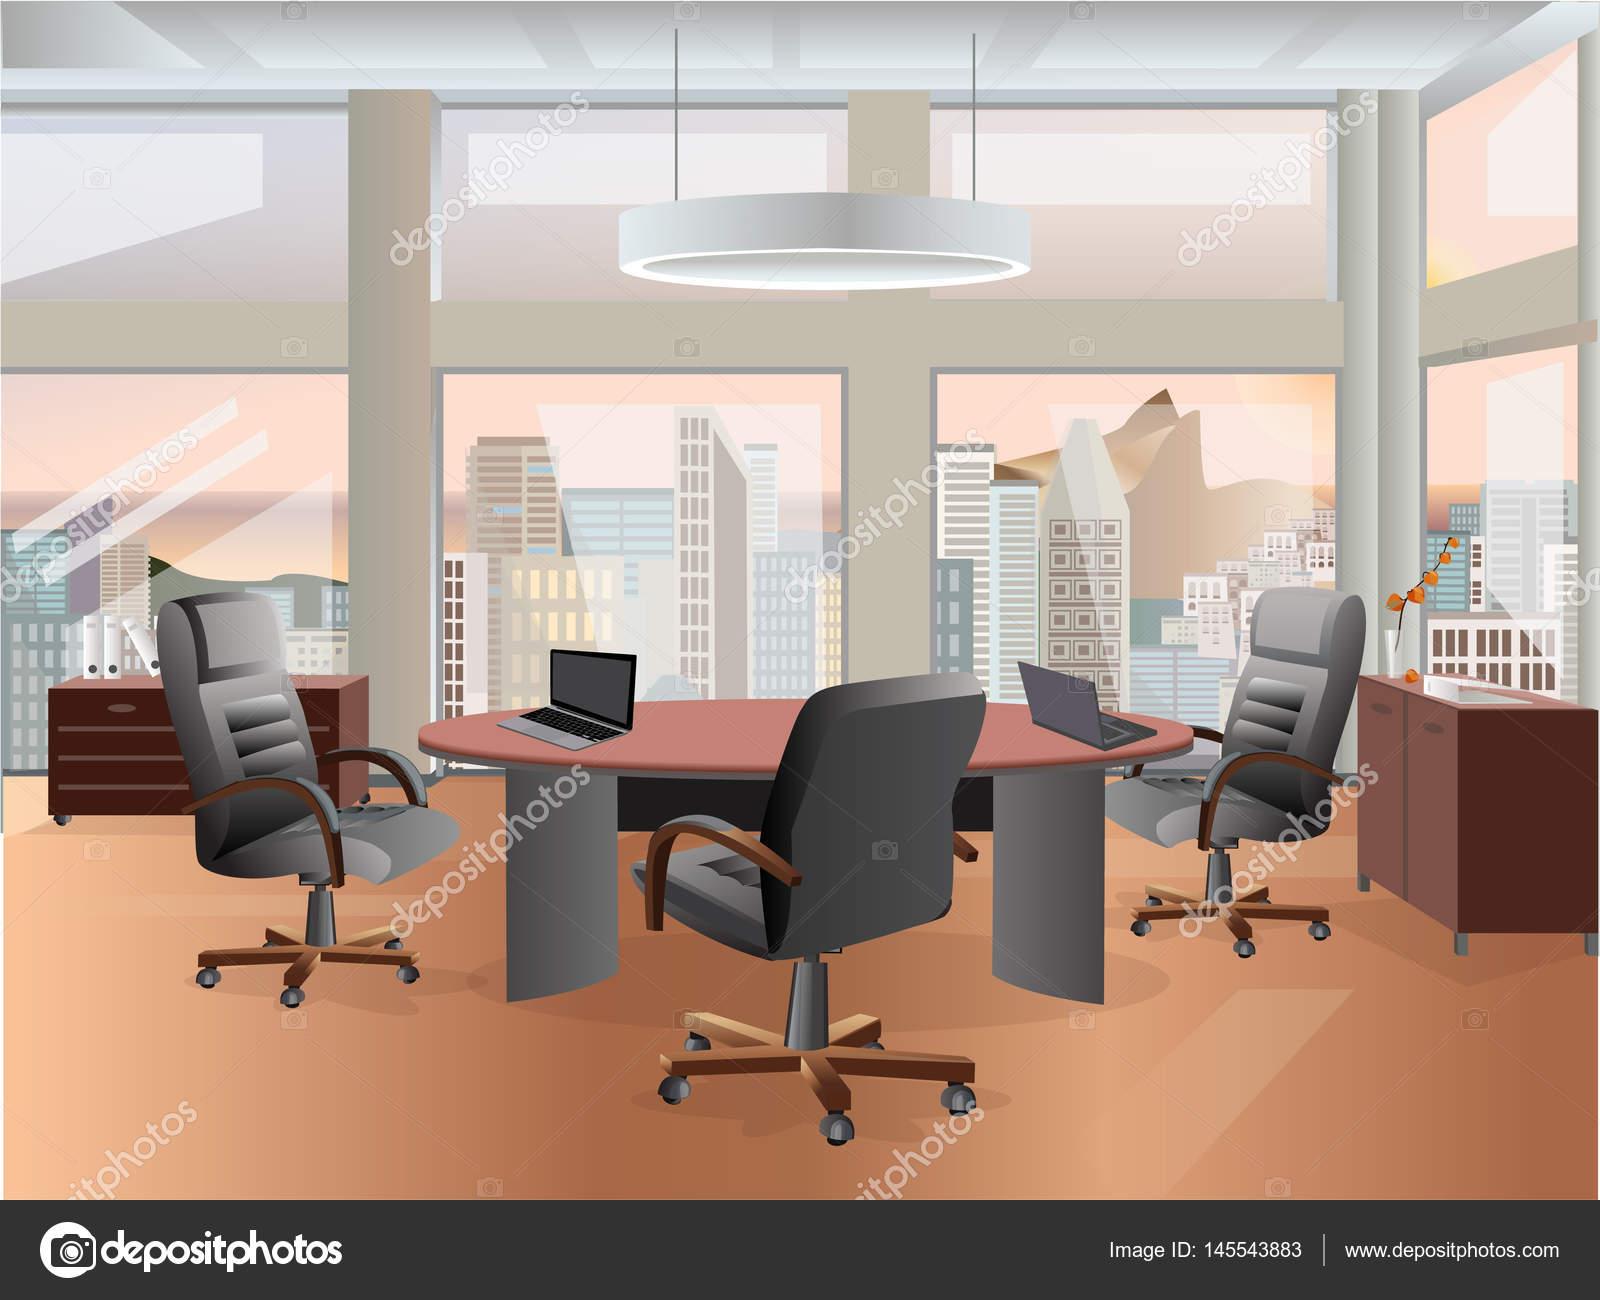 Decoration De Bureau Au Travail Illustration De La Notion